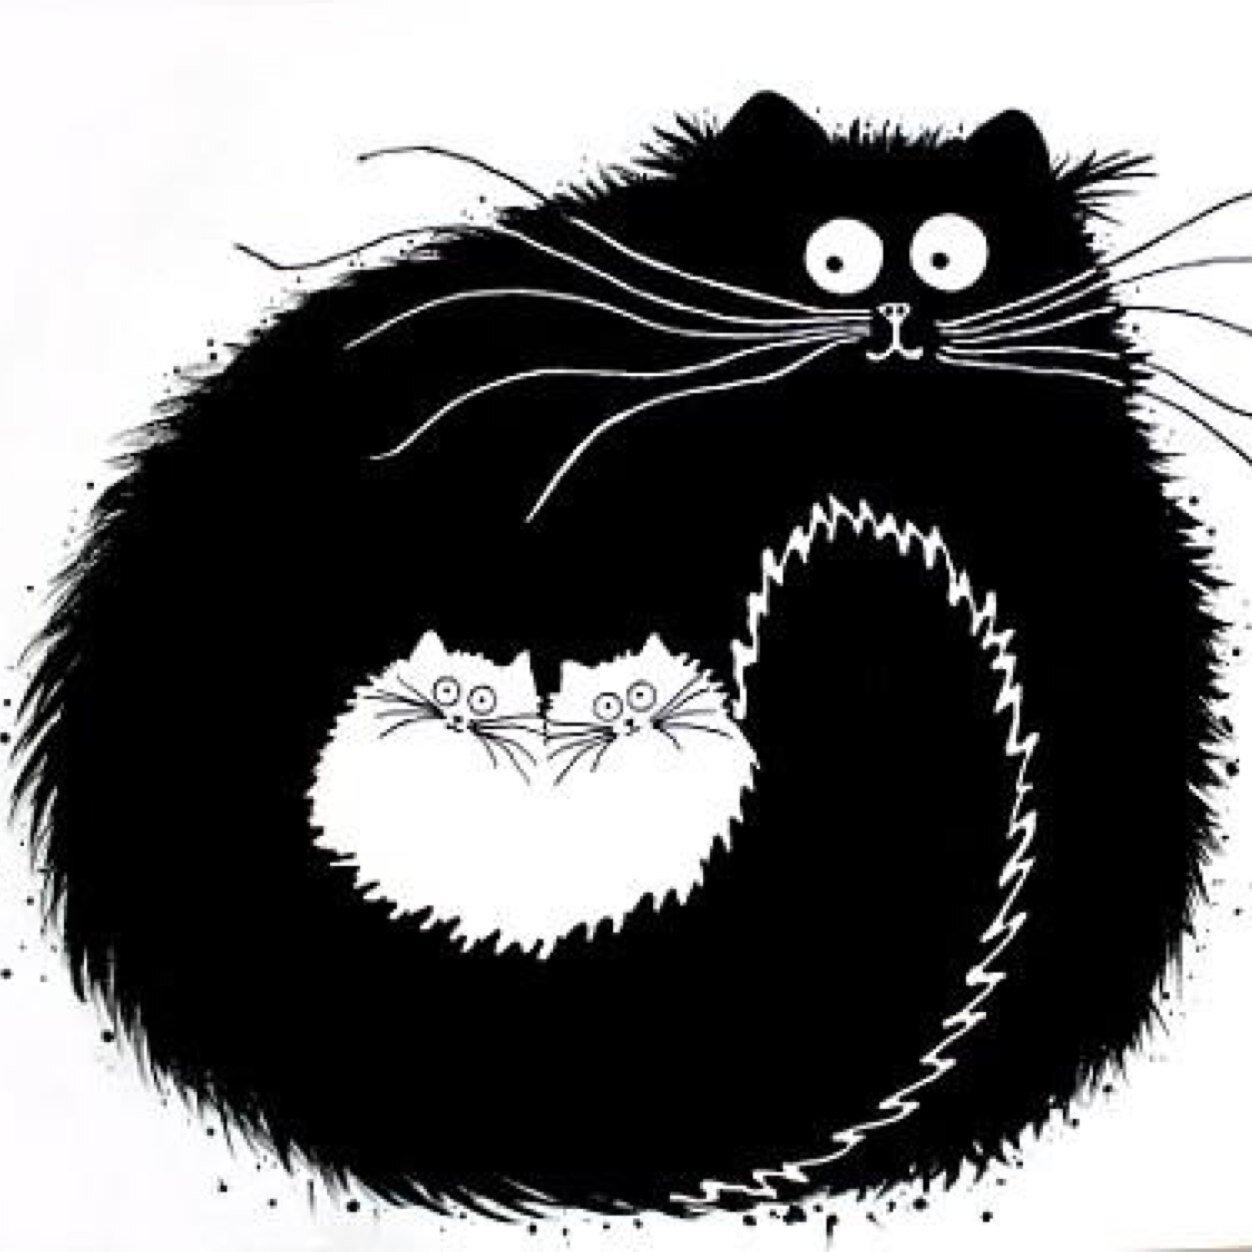 Черно-белые рисунки кота смешные, нижегородские открытки картинки